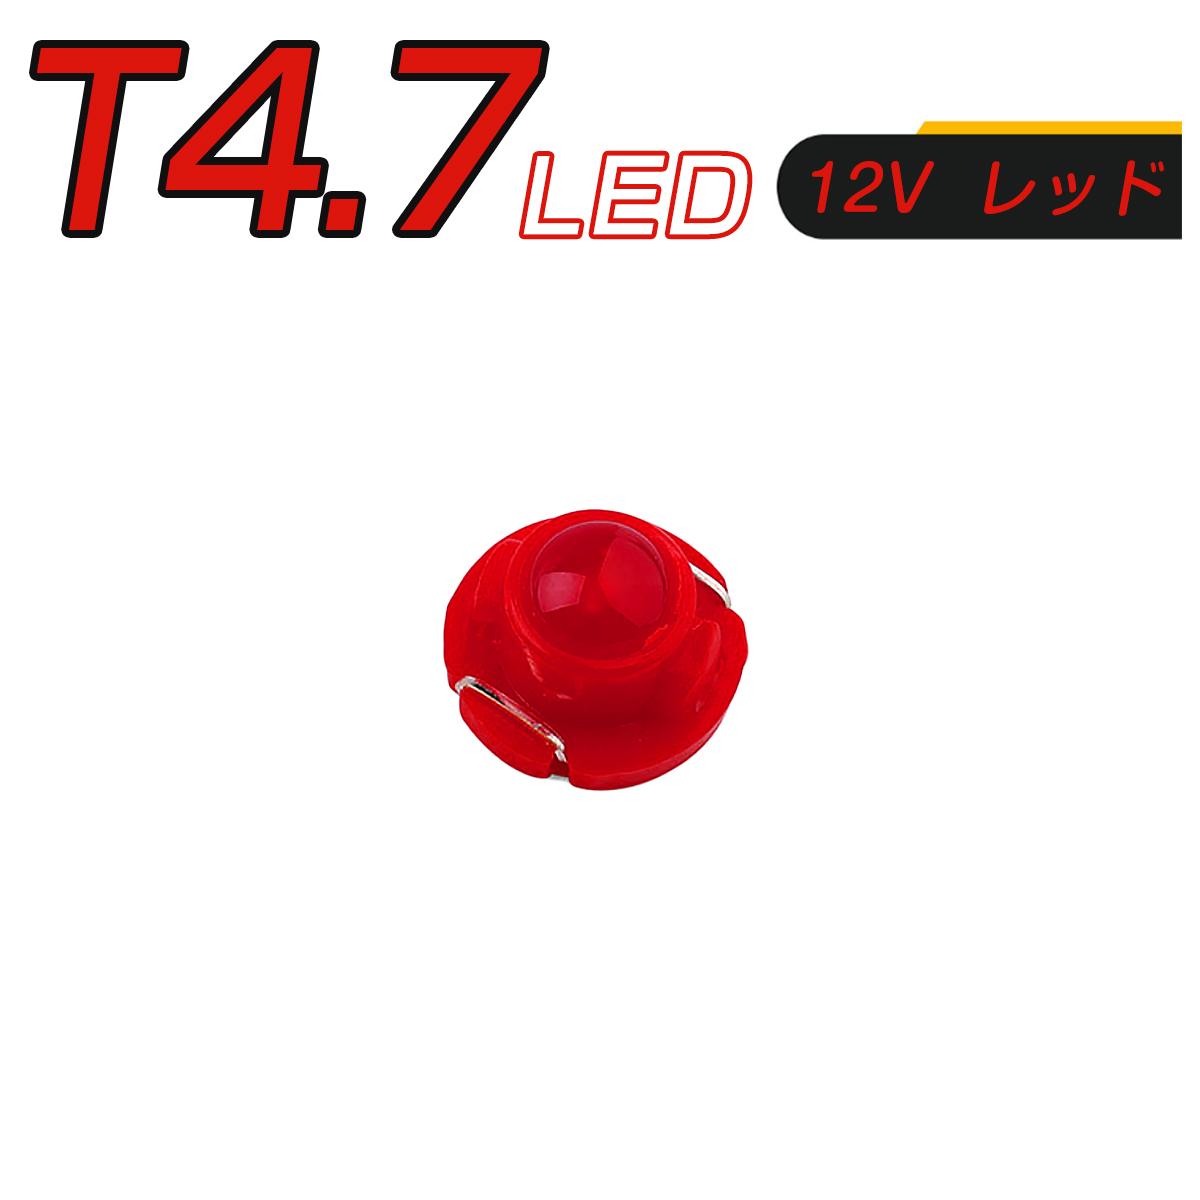 LED T4.7 SMD 赤 メーター球 タコランプ インジケーター エアコンパネル 超拡散 全面発光 2個セット SDM便送料無料 1ヶ月保証